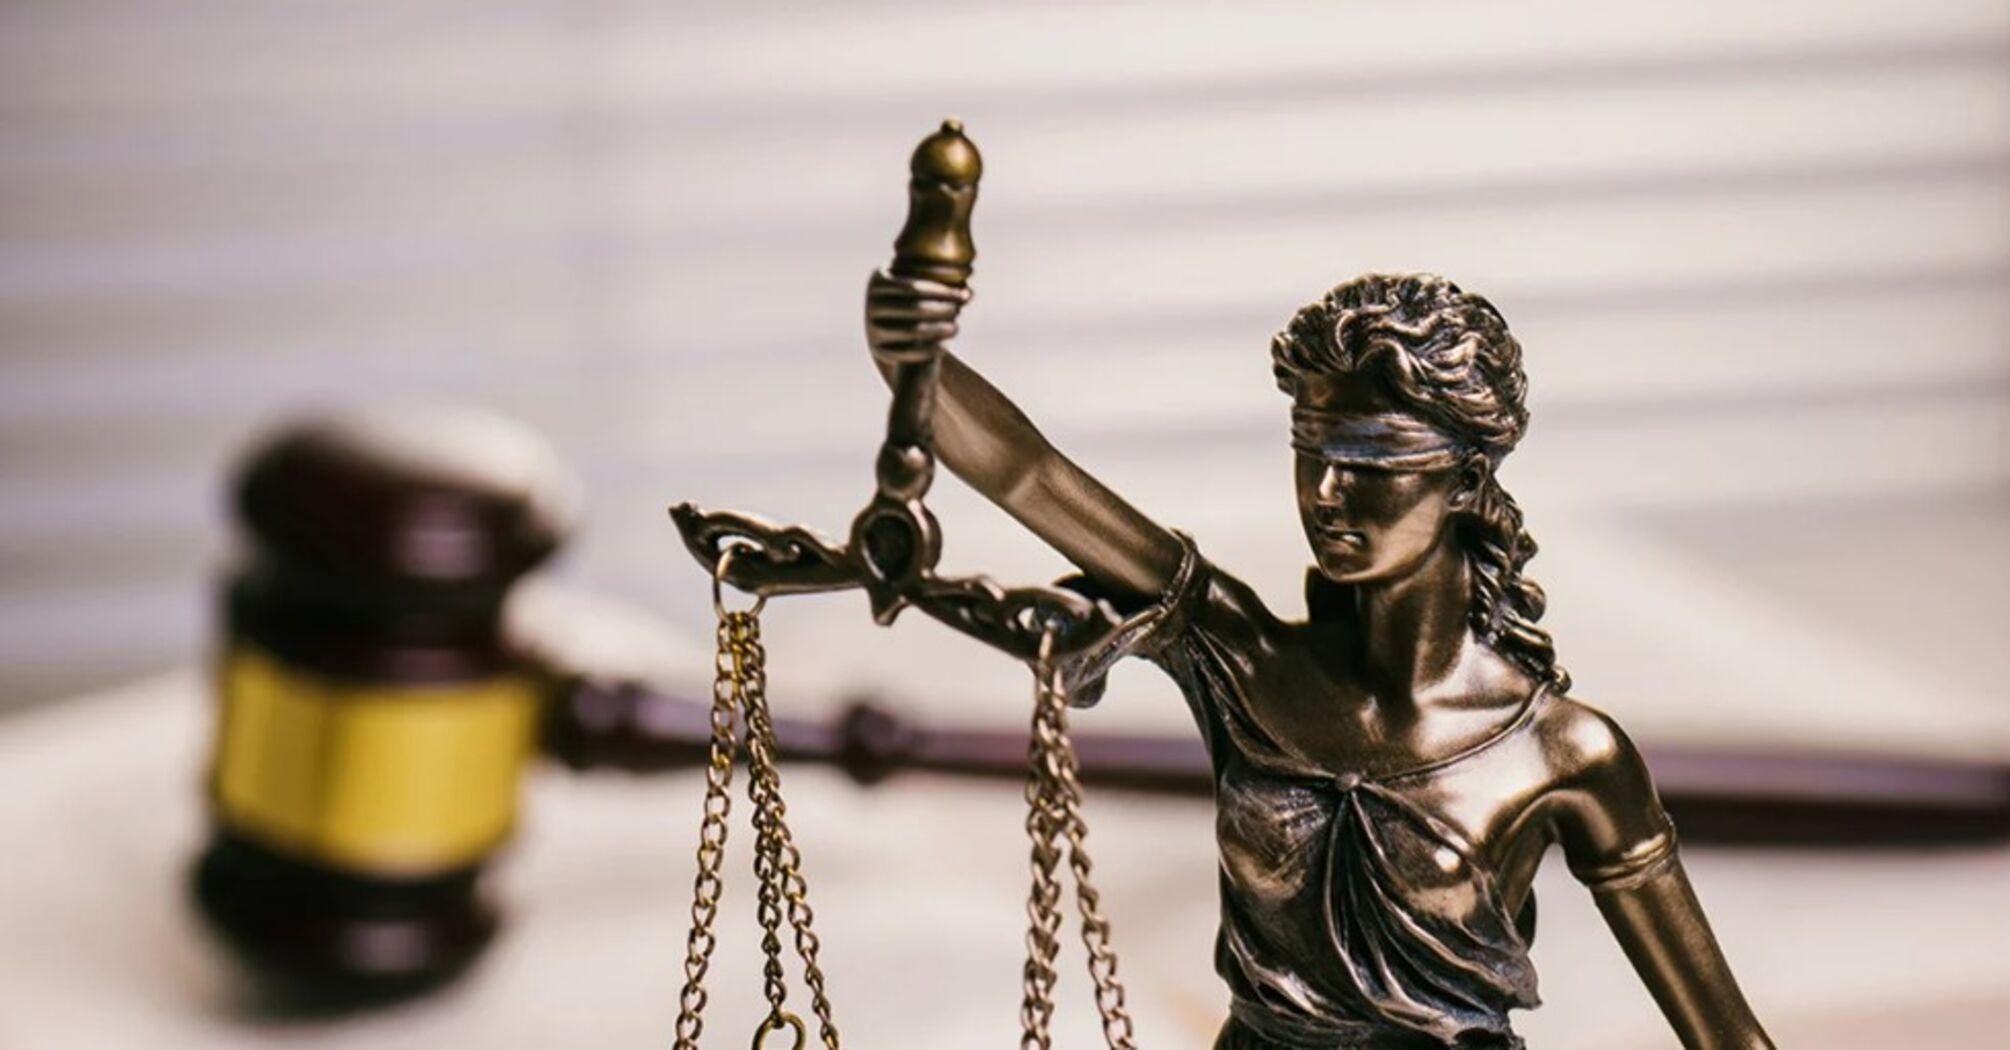 """Інтернет-видання """"Апостроф"""" програло в суді апеляцію у справі про поширення недостовірної інформації щодо Альони Дегрік Шевцової – прес-служба """"Леогеймінг Пей"""""""